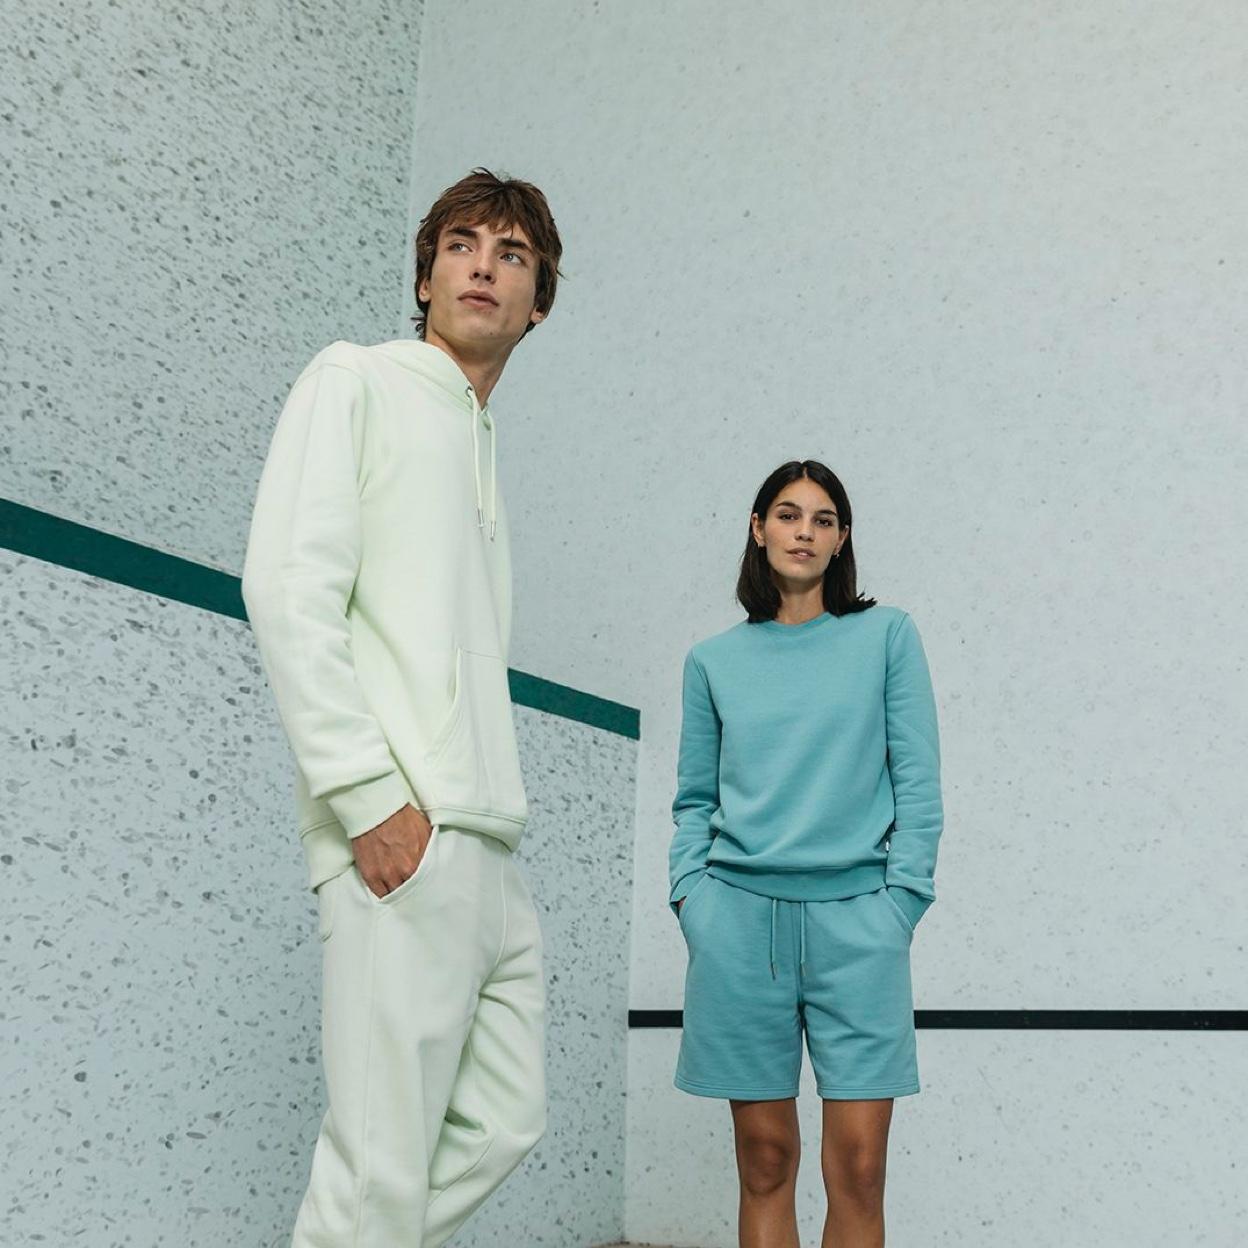 Visuel d'une femme et d'un homme portant les sweats personnalisables Stanley Stella